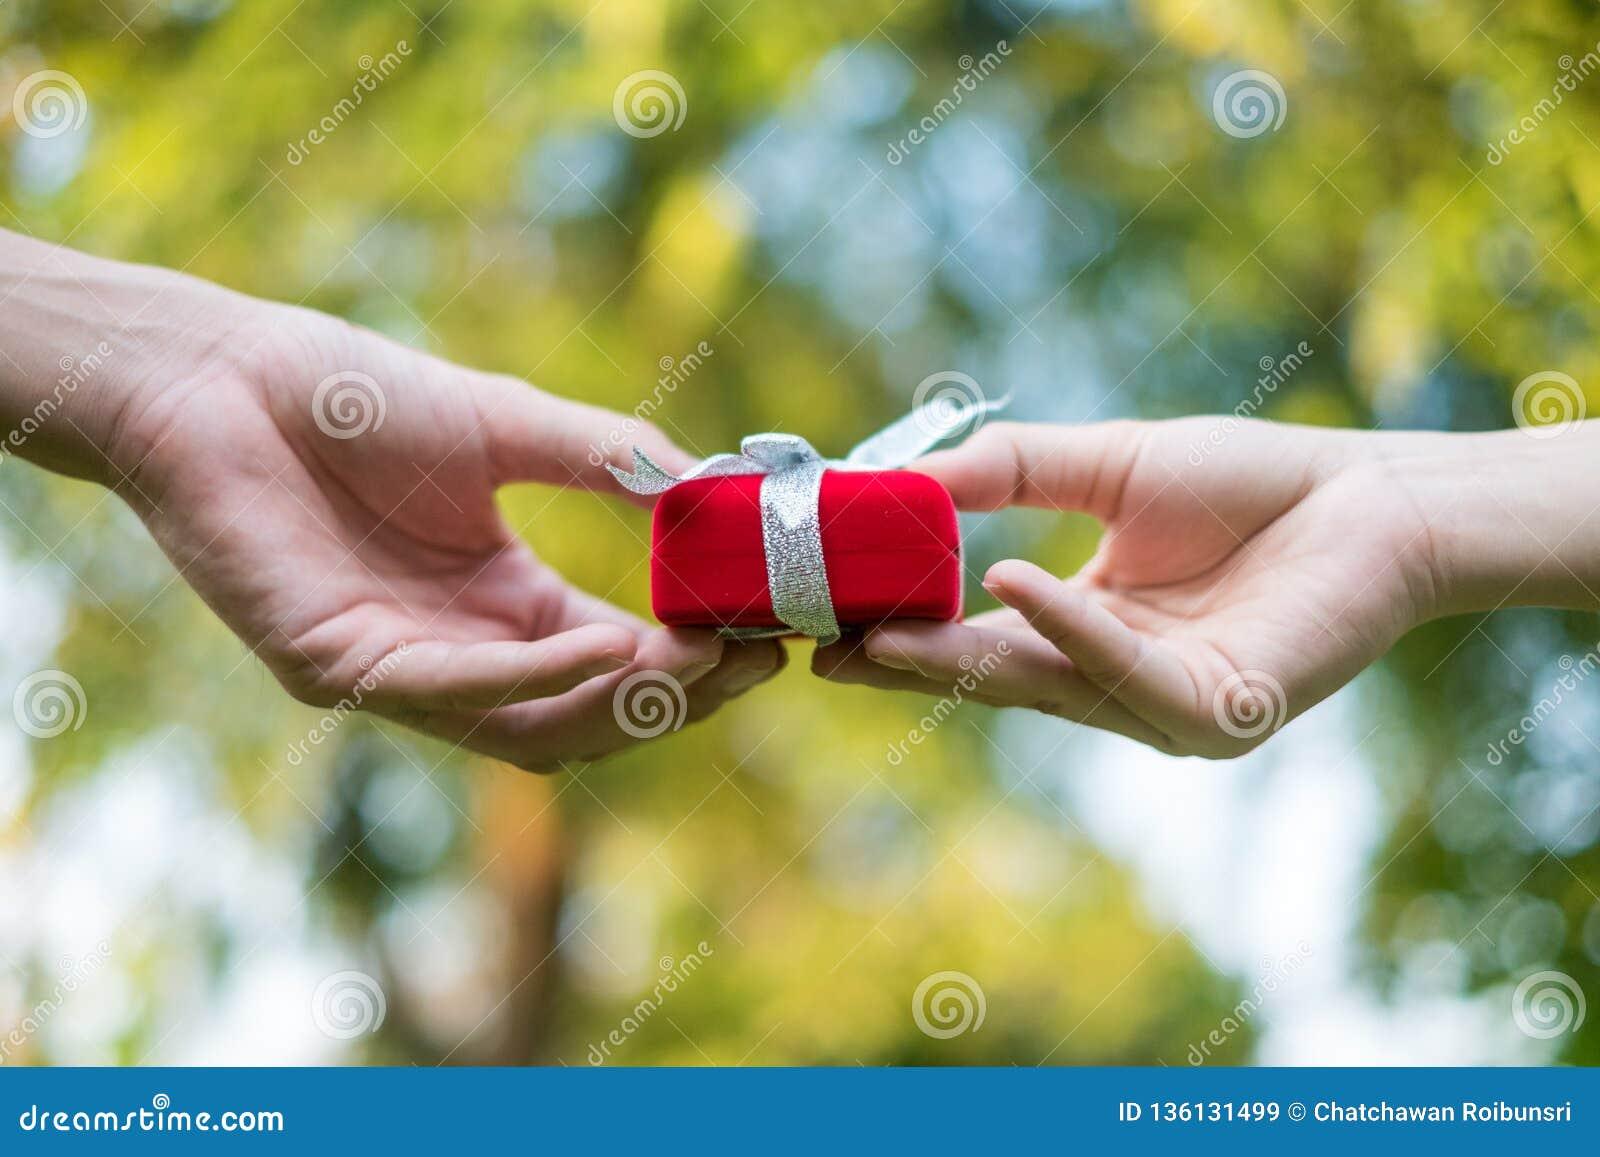 Δίνοντας το κόκκινο κιβώτιο δώρων μέσα με τα χέρια τις ειδικές ημέρες για το ειδικό πρόσωπο, στο υπόβαθρο χλόης Κιβώτιο γαμήλιων